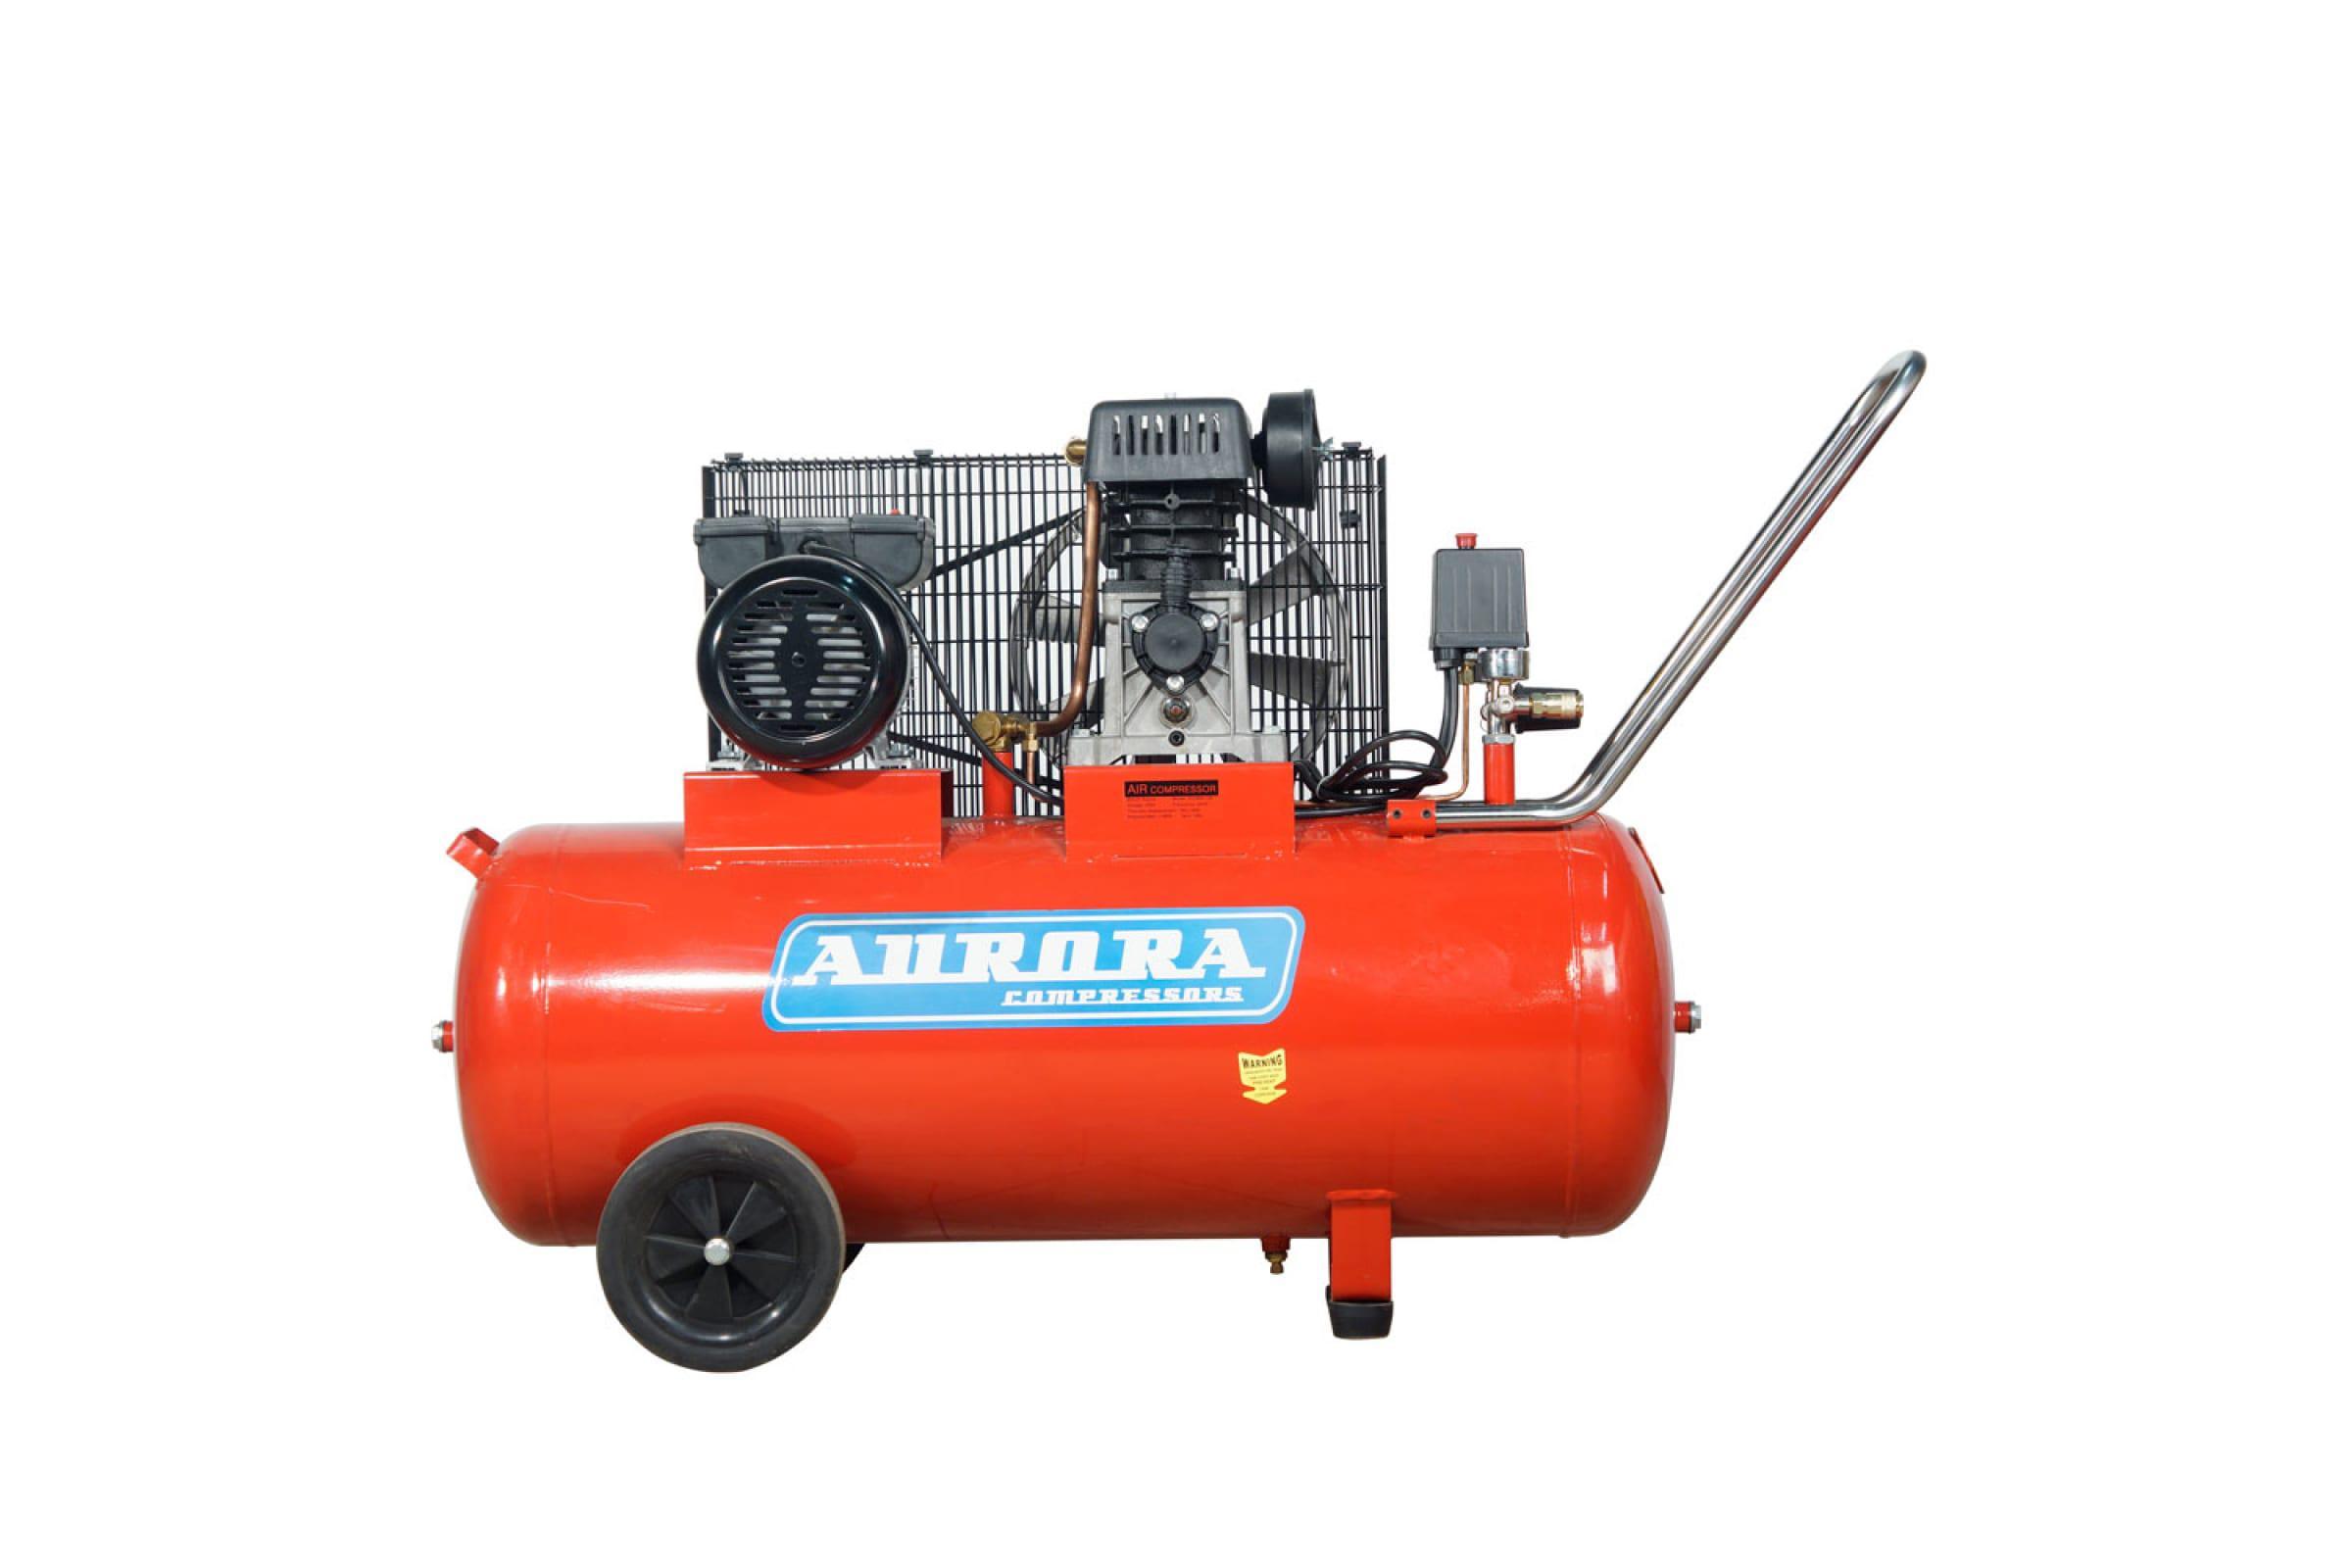 Компрессор поршневой Aurora Storm-100 воздушный компрессор aurora storm 100